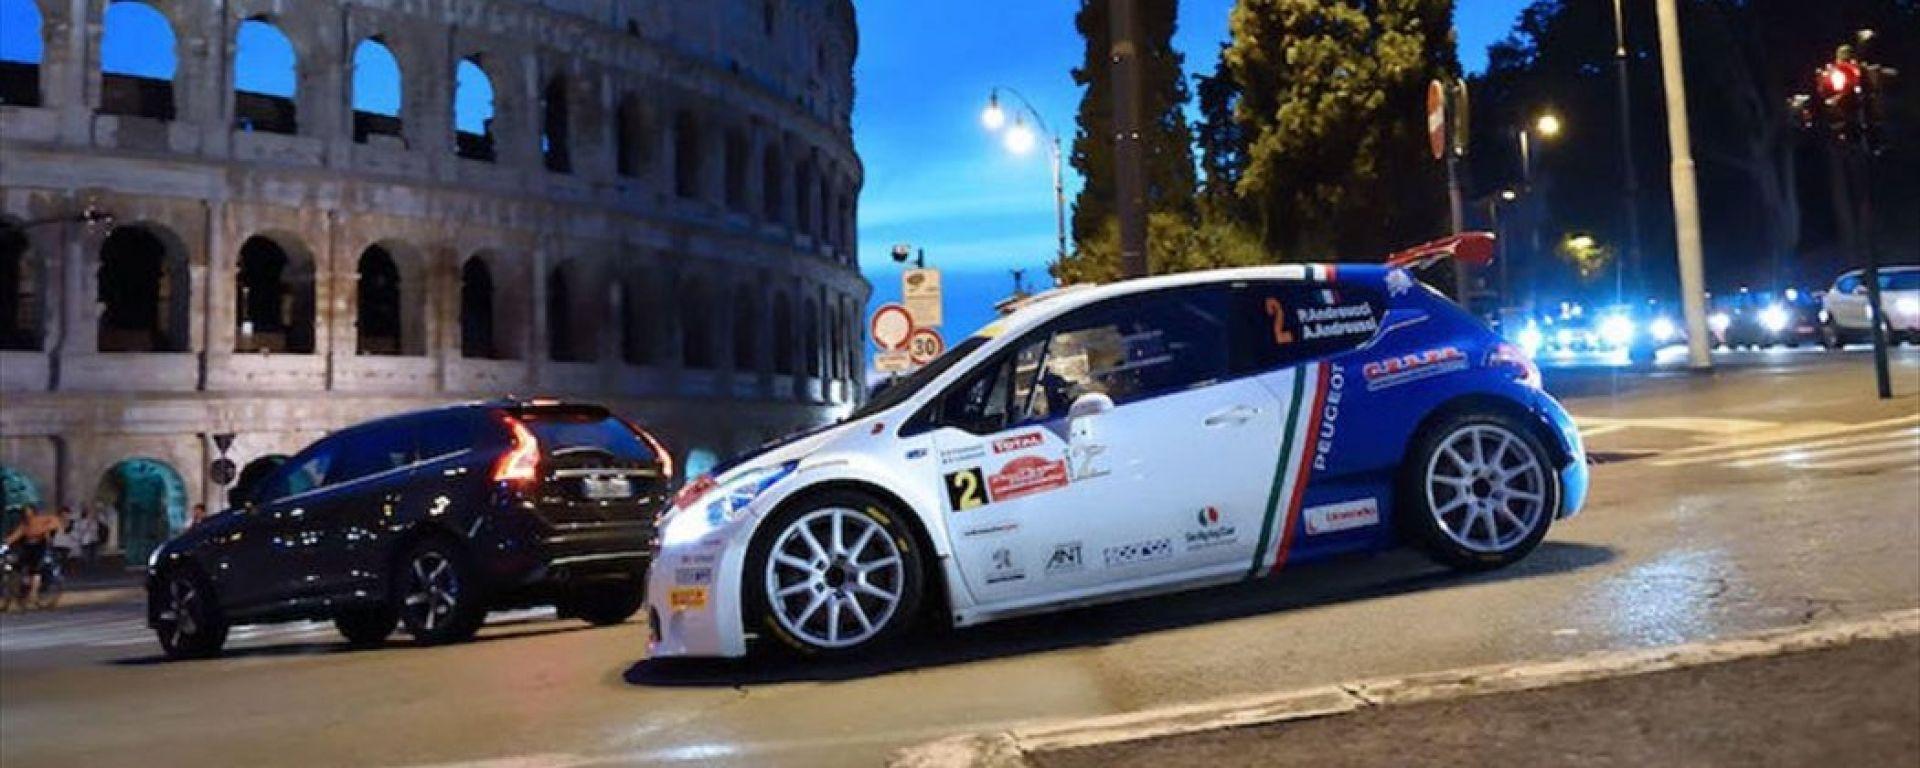 Rally di Roma Capitale 2019 - info e risultati